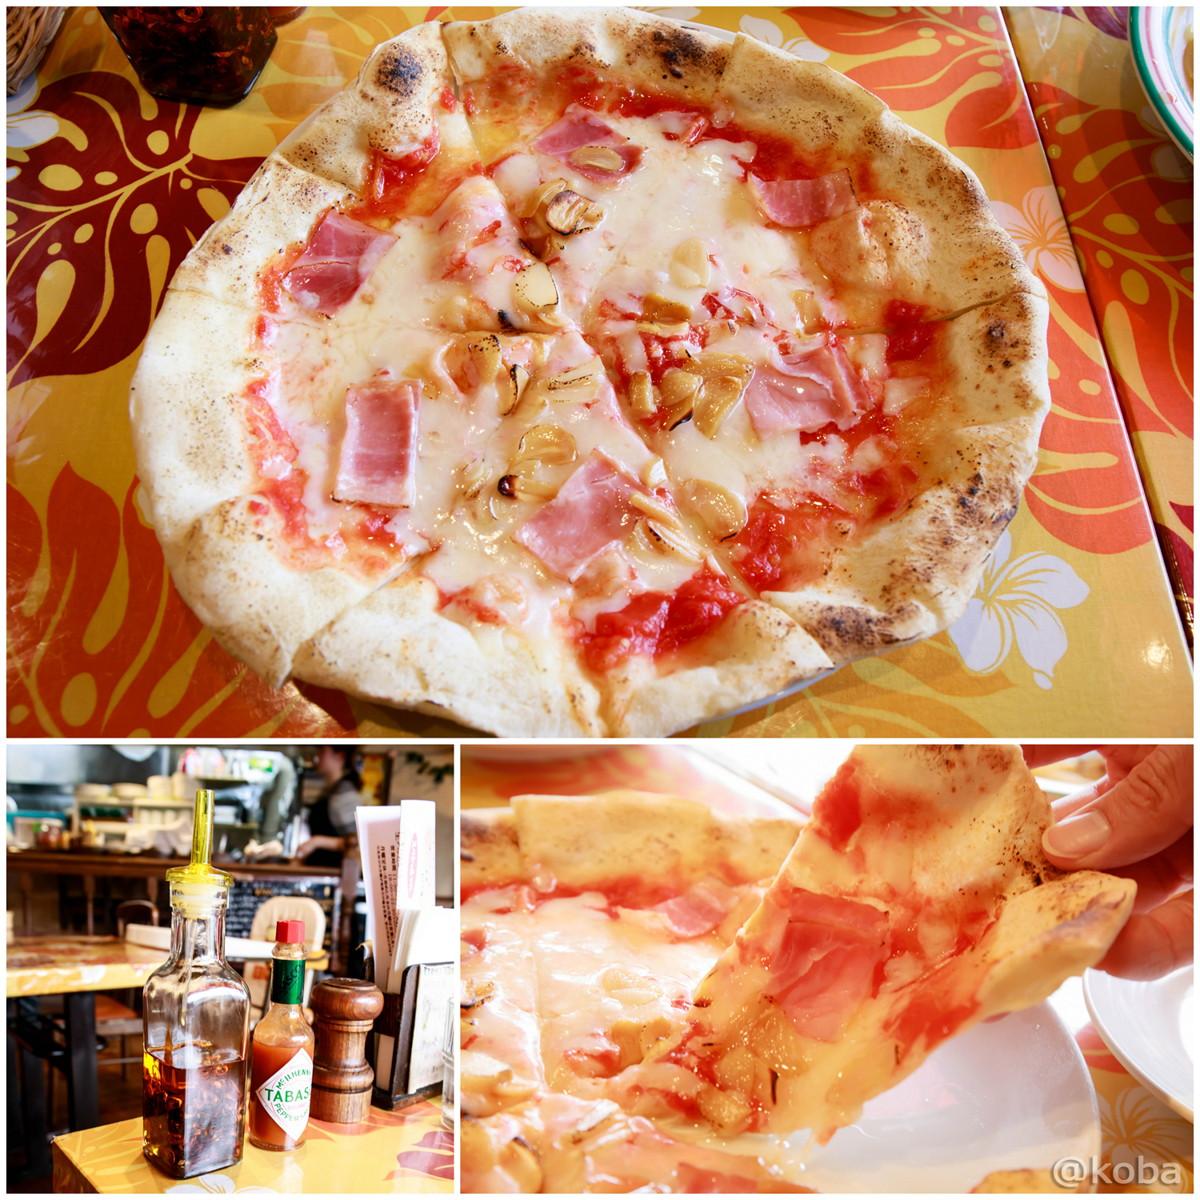 ニンニクベーコンピザ お好みでタバスコと辛味オイル 千葉 鎌ヶ谷 Coca(コカ) 生パスタ 手づくりピザ │こばフォトブログ